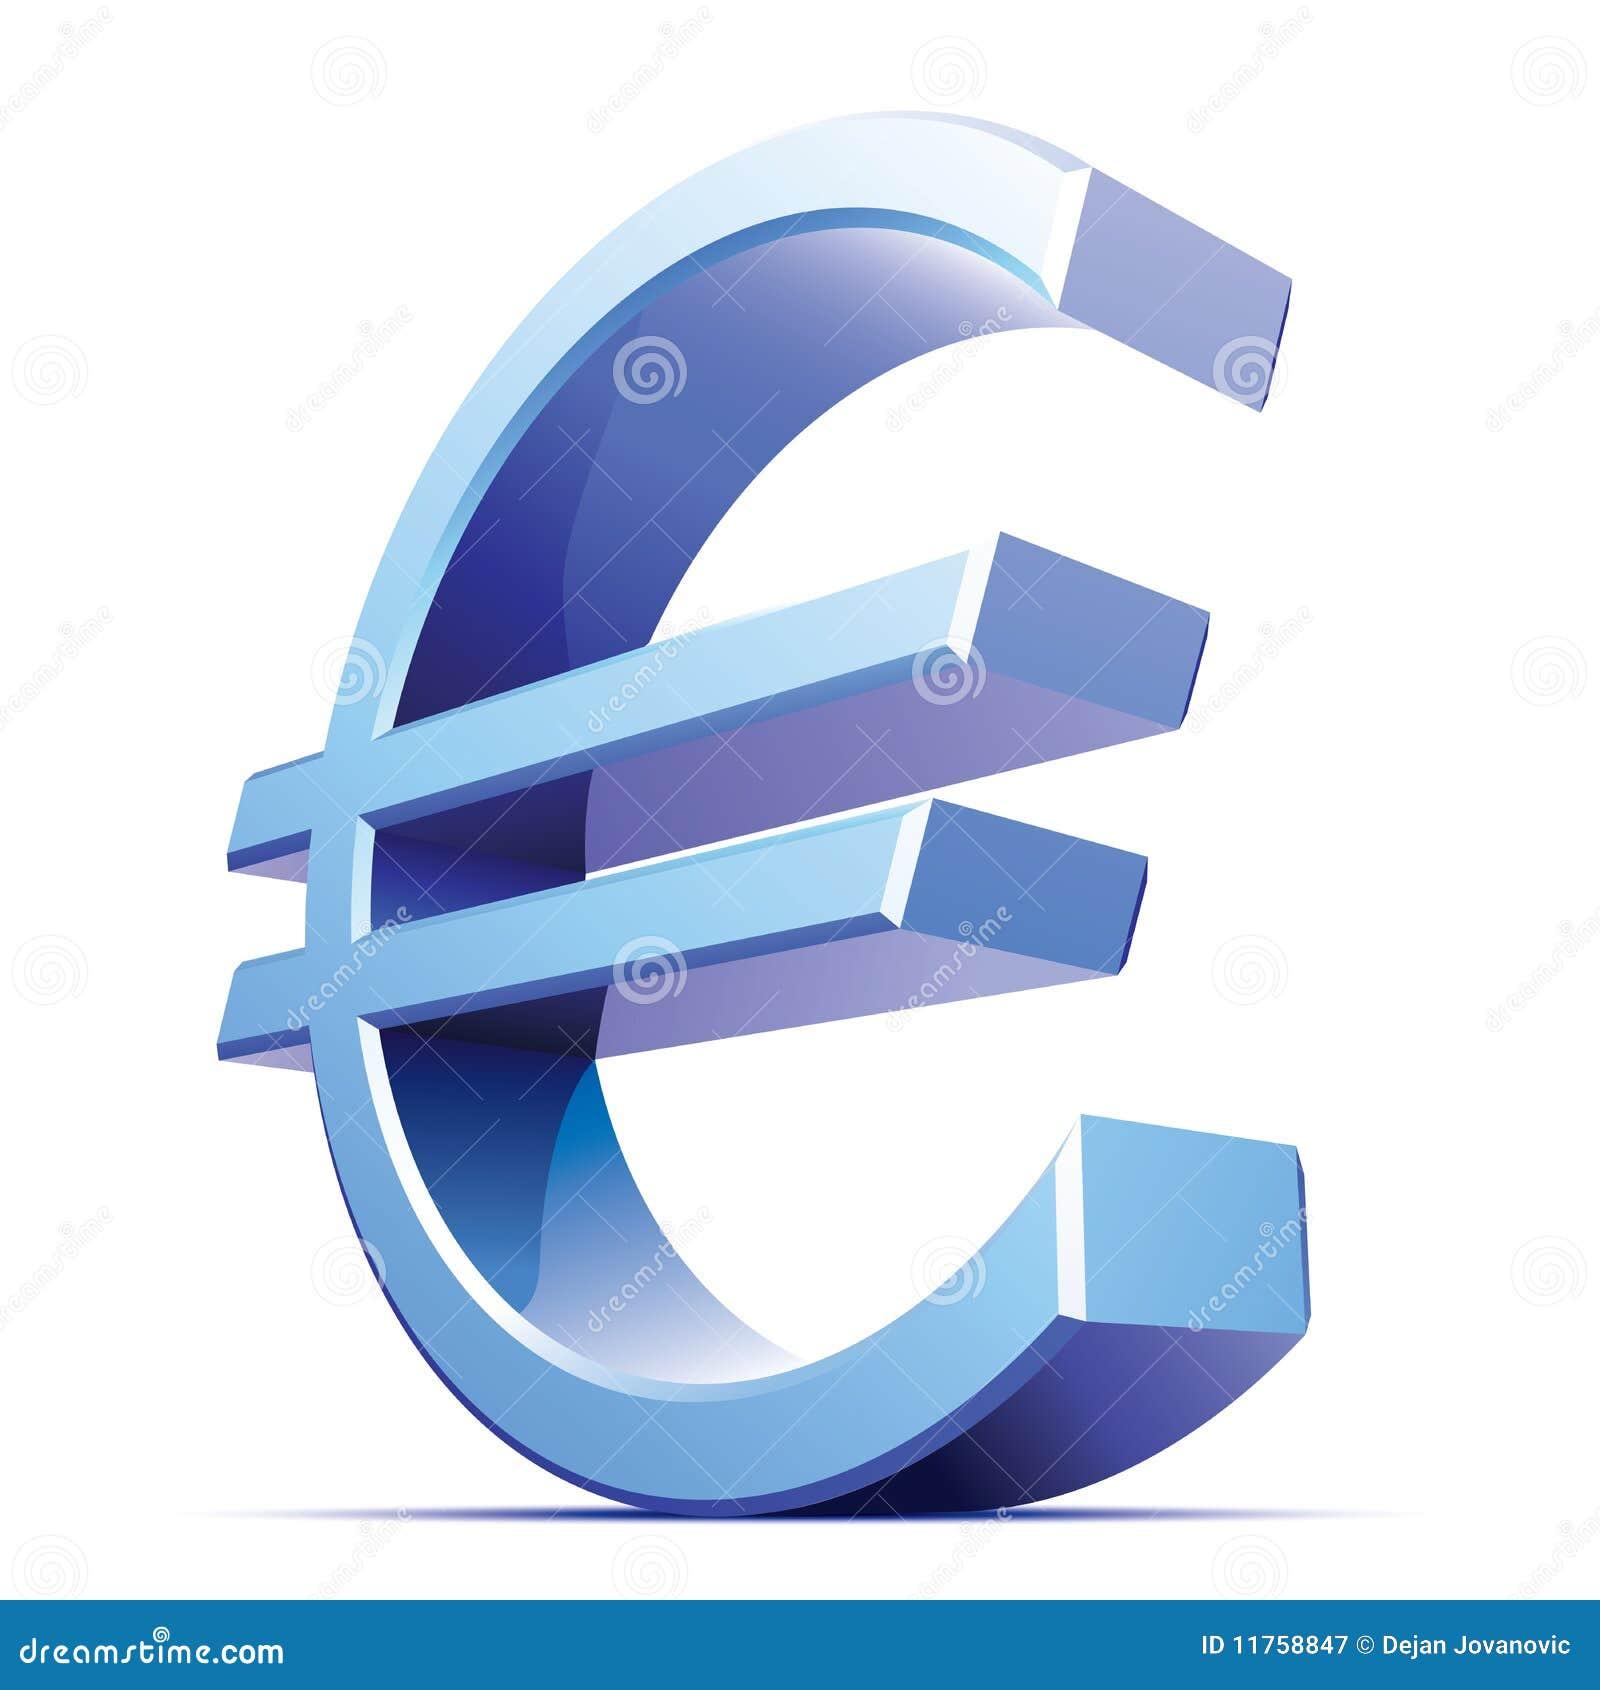 Vector metallic euro sign